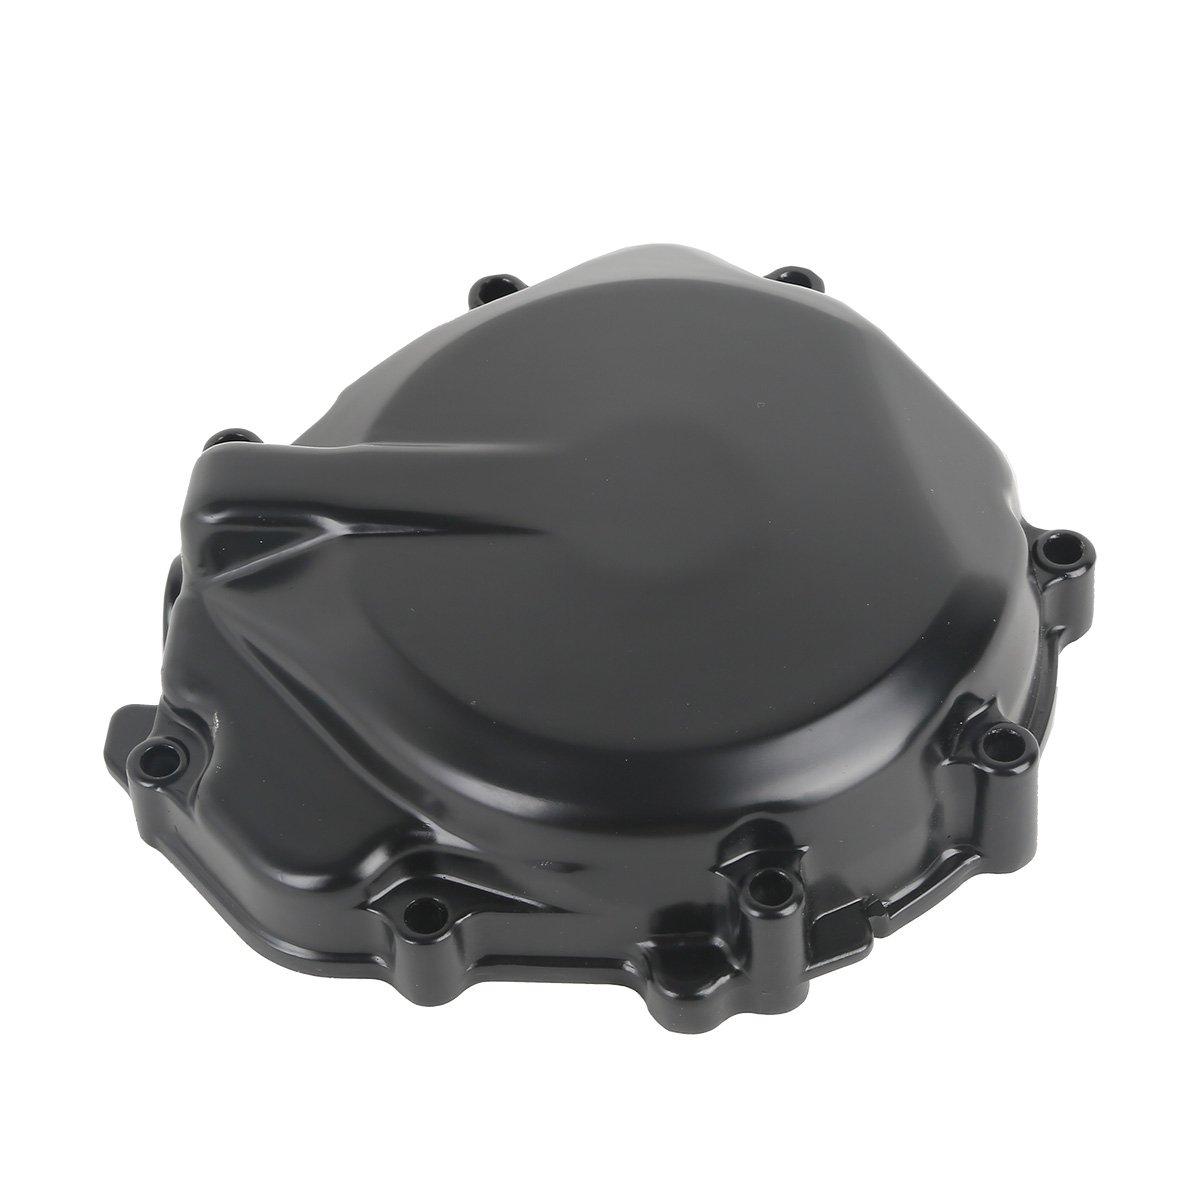 XFMT Black Left Aluminum Engine Stator Crankcase Cover For Suzuki GSXR1000 2005-2008